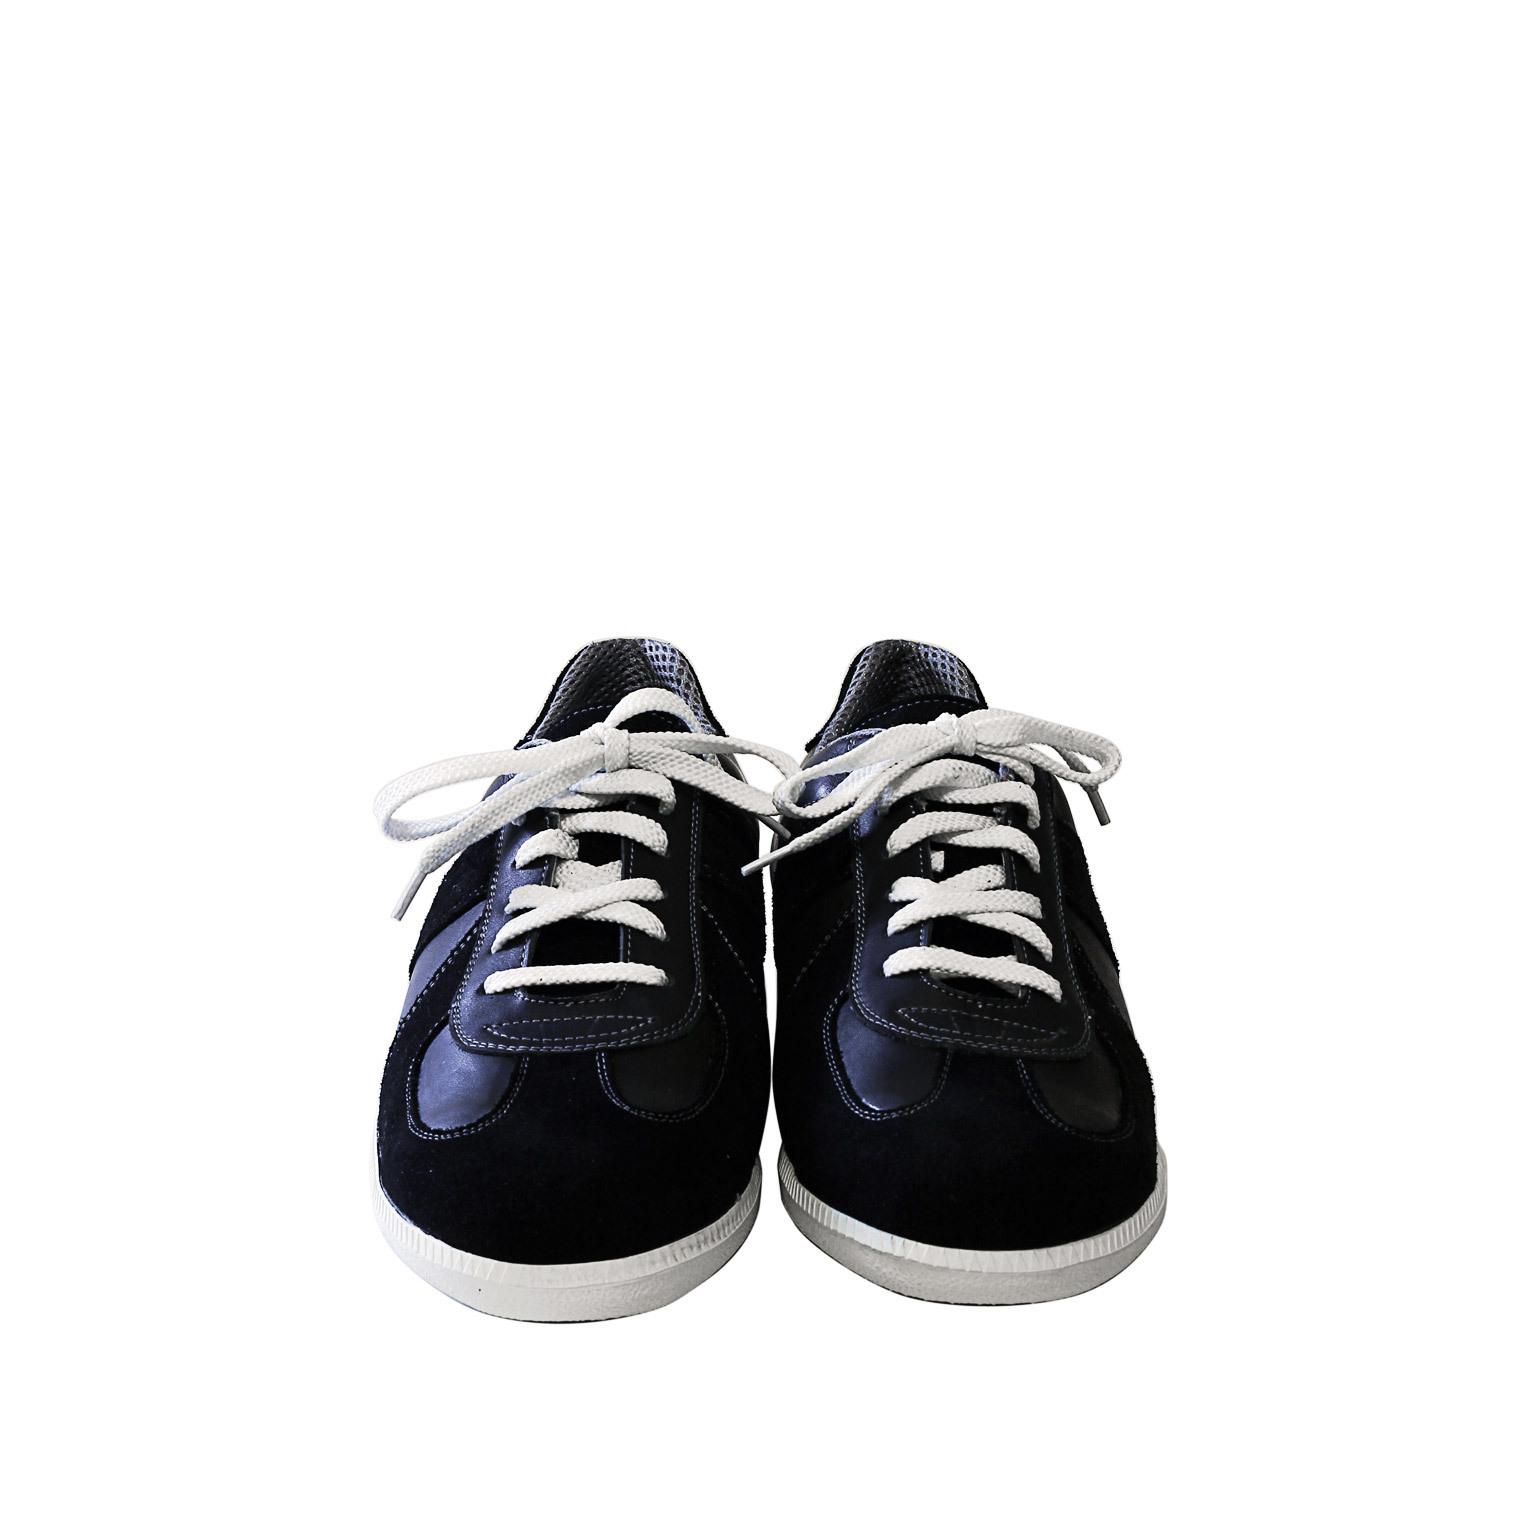 556396 черный полуботинки мужские больших размеров марки Делфино